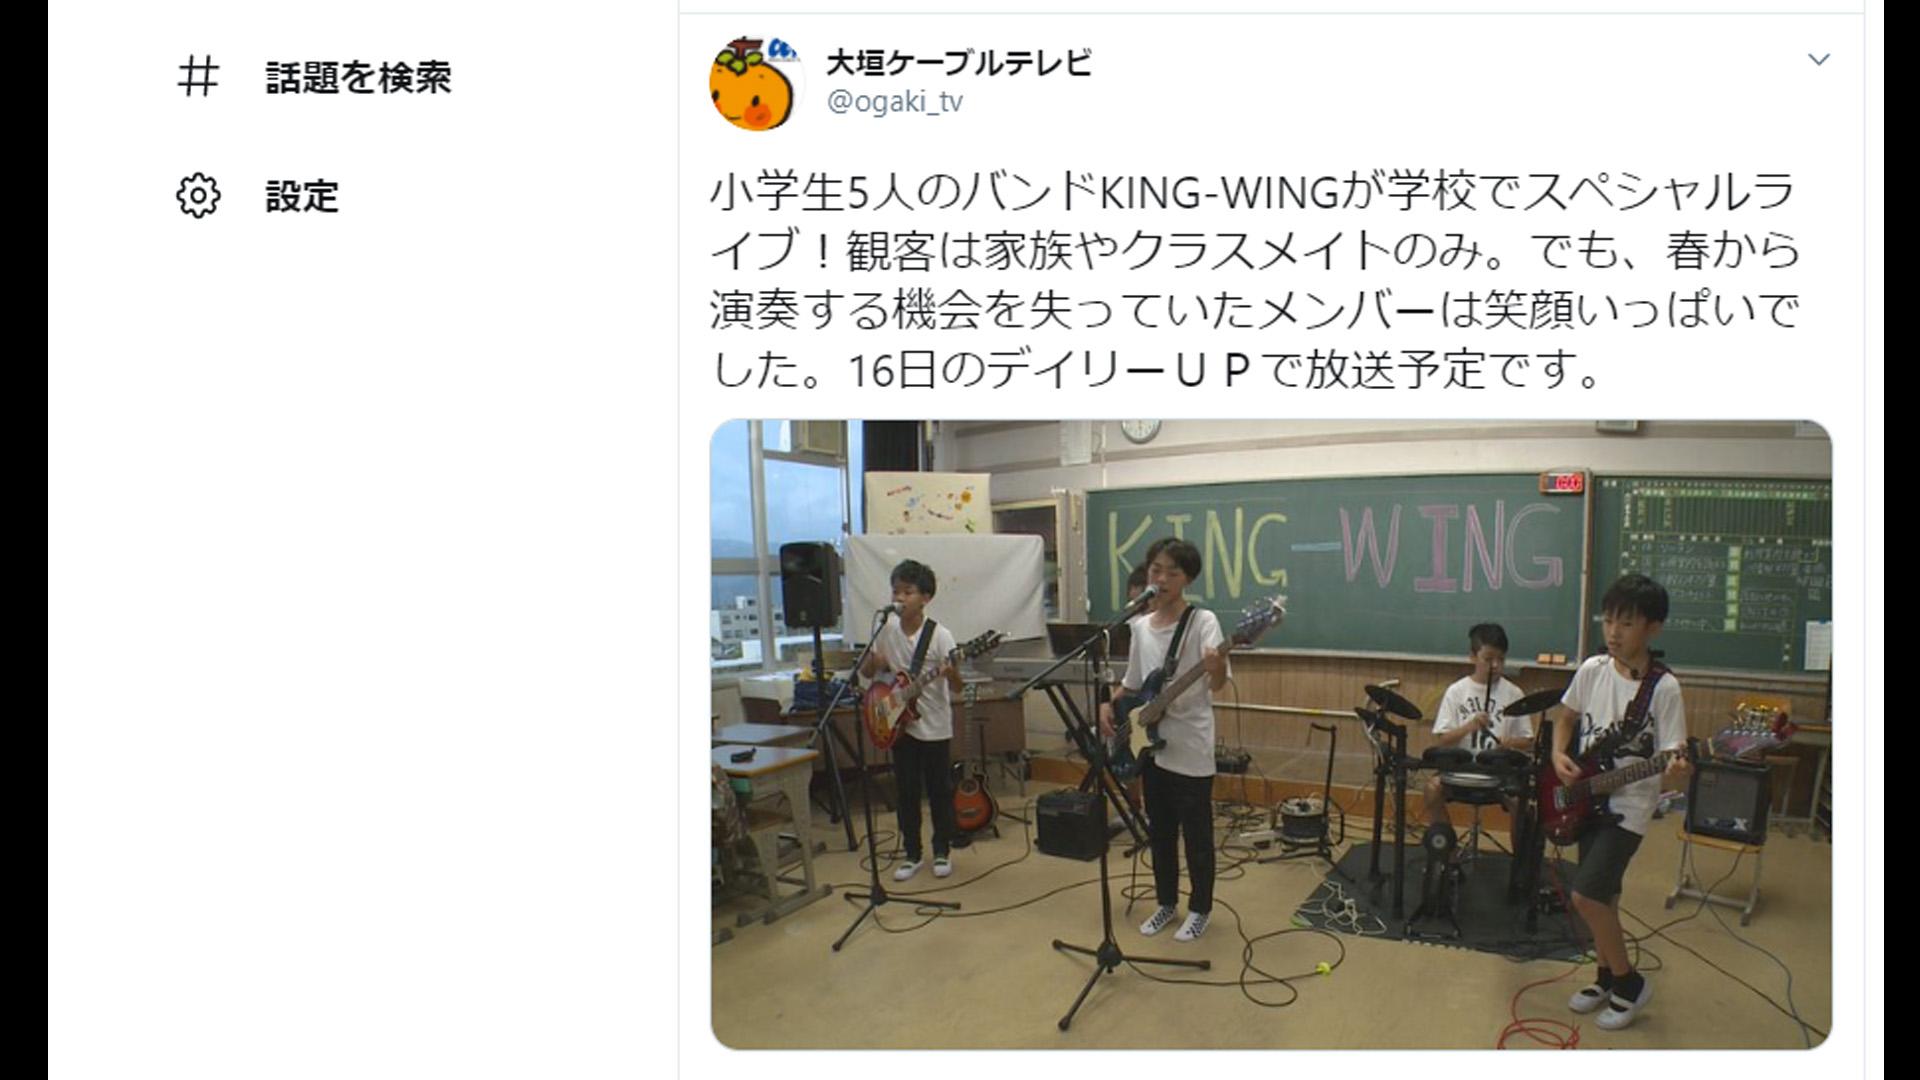 ケーブル テレビ 大垣